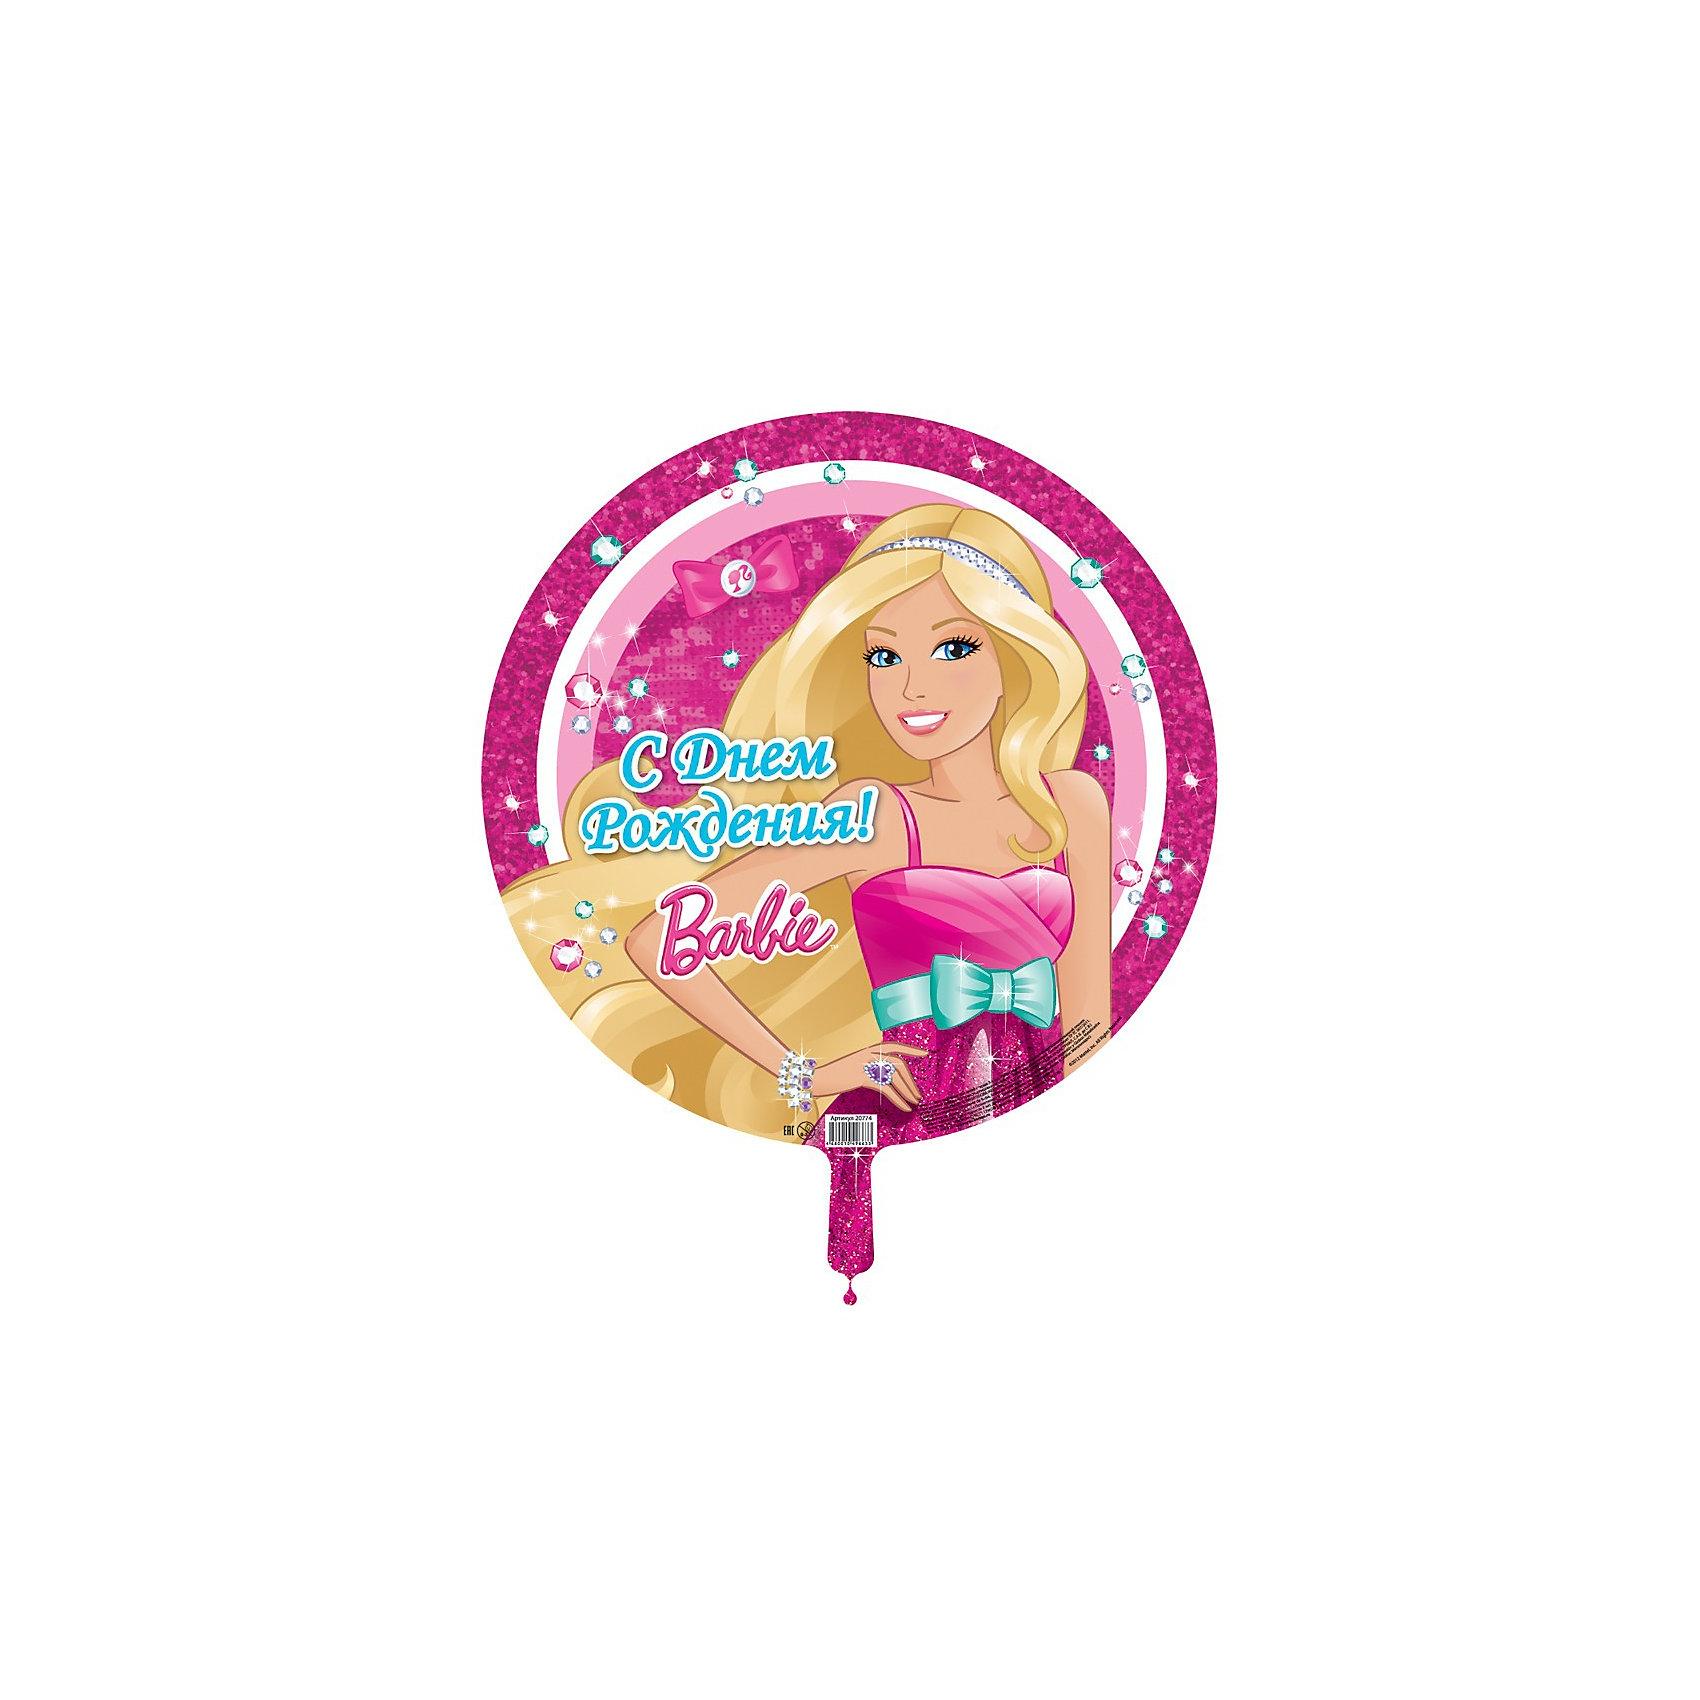 Шар надувной 18 С Днём рождения! BarbieBarbie<br>Шар фольгированный круглый.<br>Размер: 18/46см.<br>Двусторонняя печать. <br>При надувании используется гелий. <br>Серия: Barbie (Барби)<br>Внимание! Поставлется не надутым.<br><br>Ширина мм: 145<br>Глубина мм: 1<br>Высота мм: 205<br>Вес г: 10<br>Возраст от месяцев: 36<br>Возраст до месяцев: 120<br>Пол: Женский<br>Возраст: Детский<br>SKU: 3375206